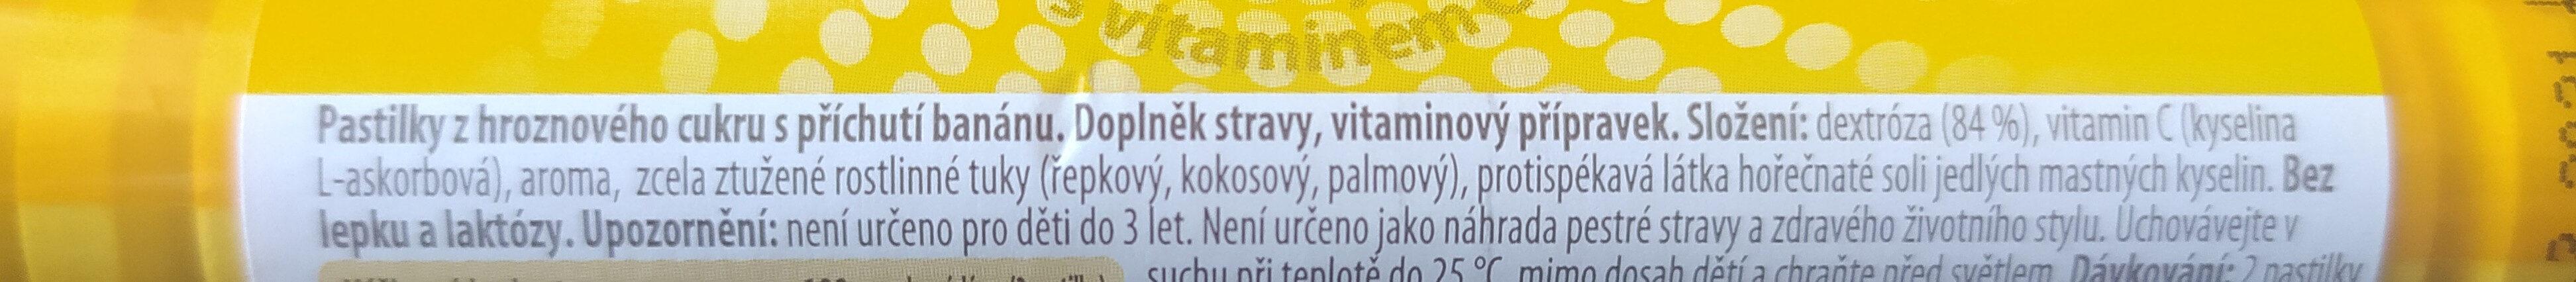 Intact banán - Ingrédients - cs